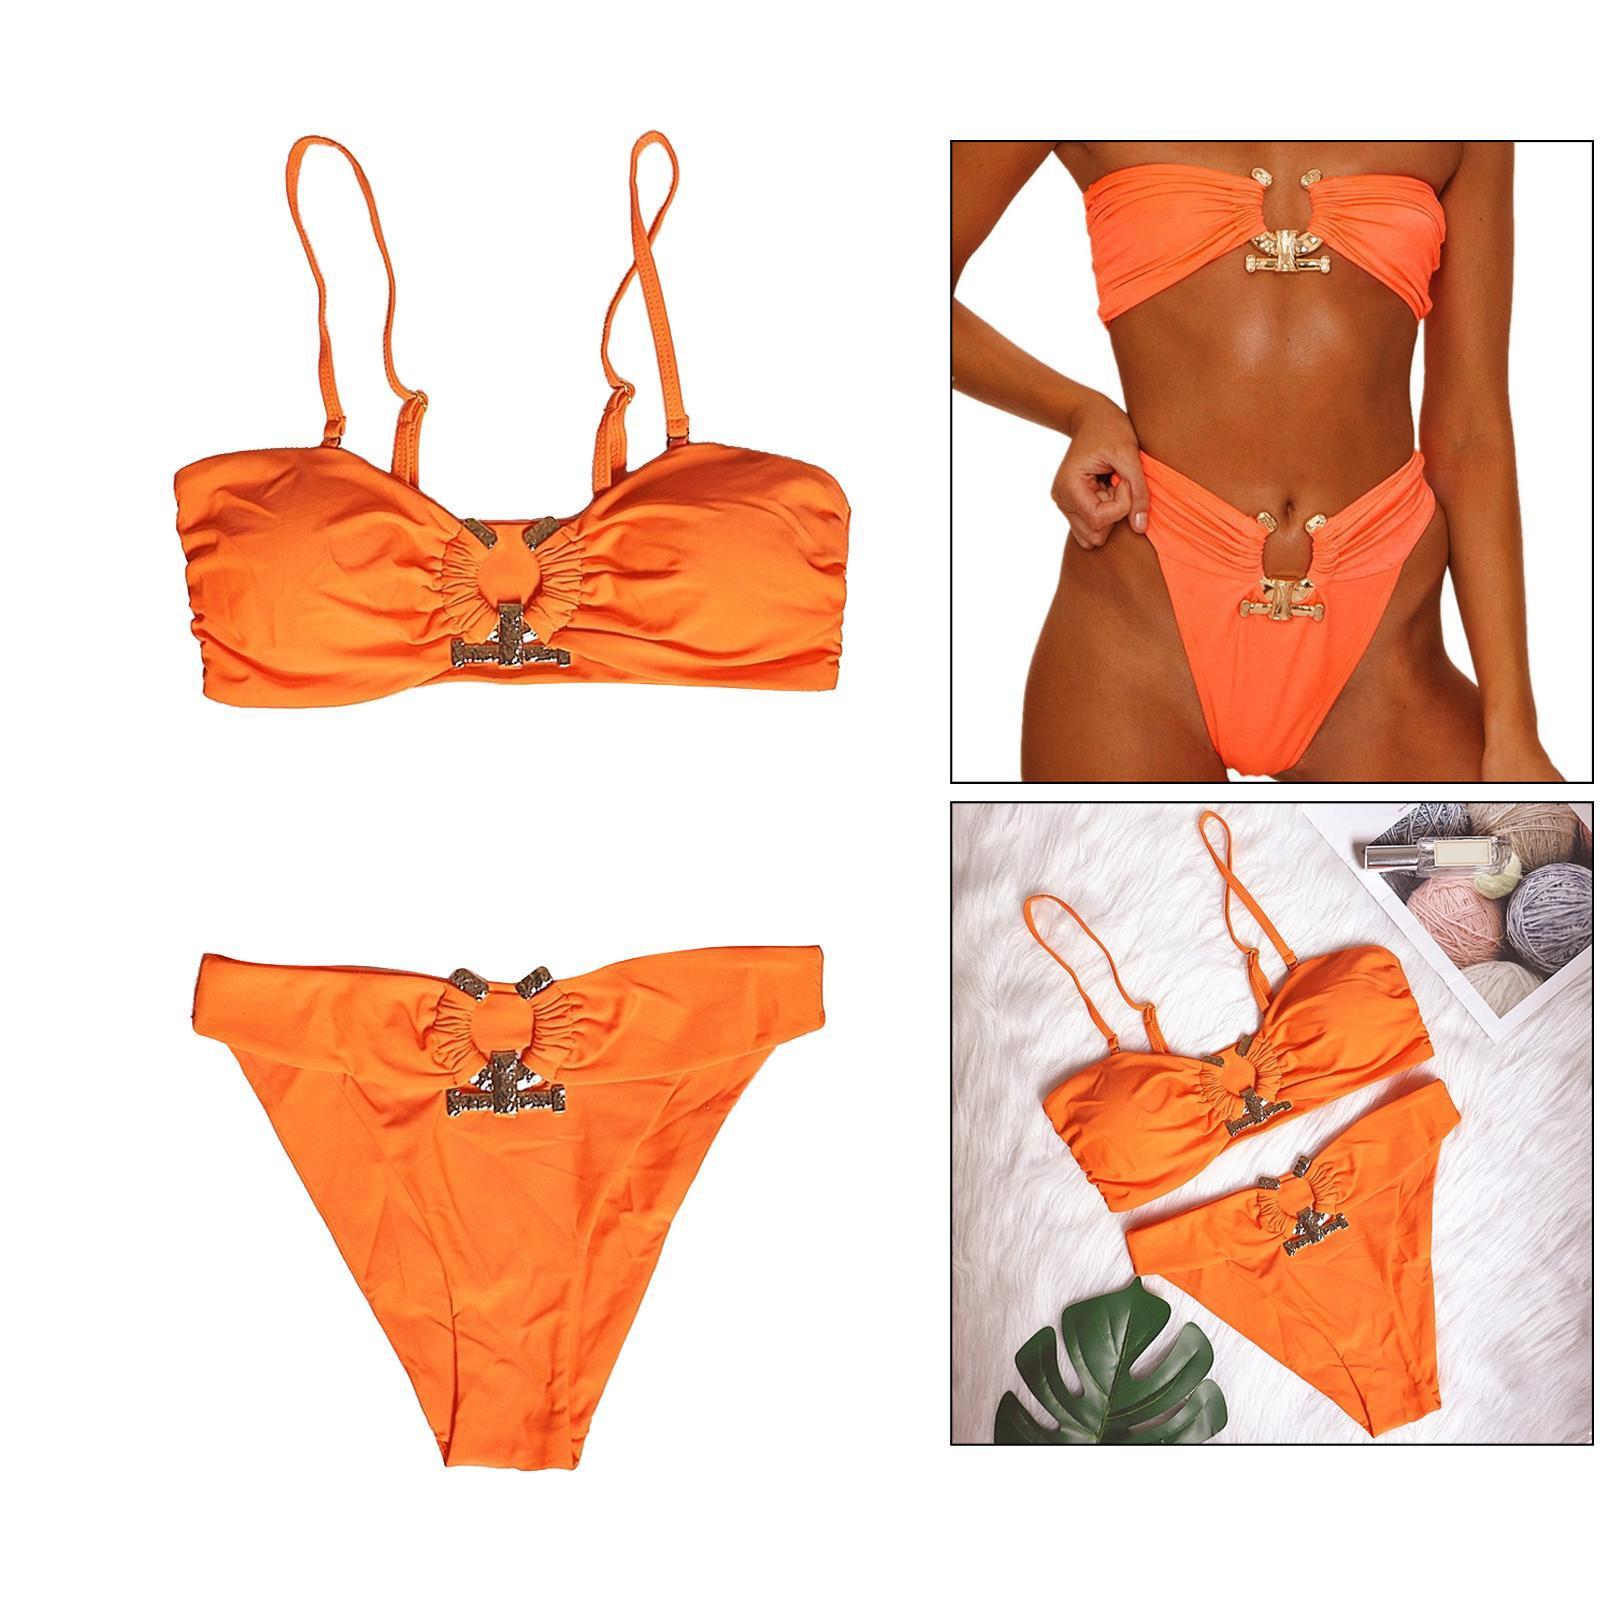 Indexbild 94 - Zwei Stücke Bikini Set Strappy Bademode Party Badeanzug Tankini Bademode